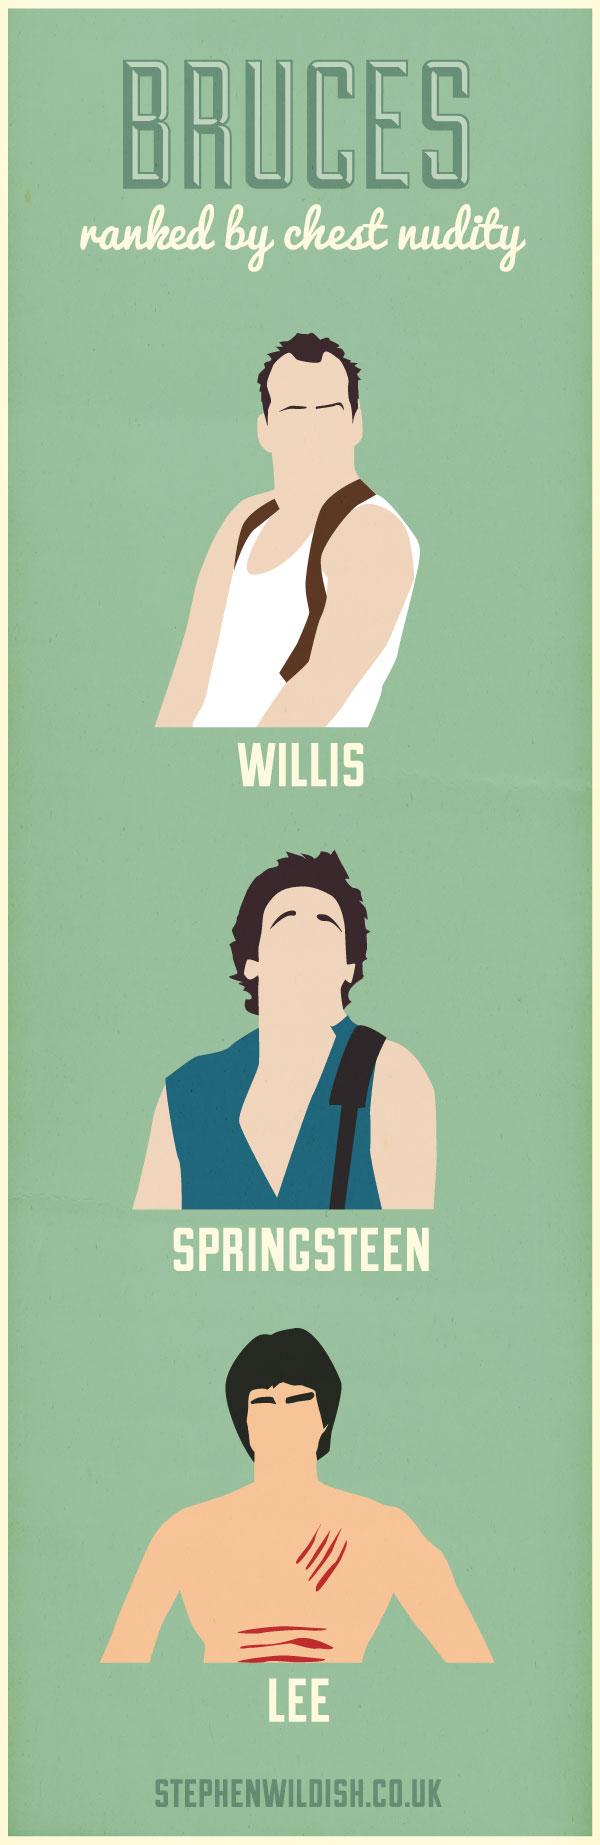 Stephen Wildish & other. Минипостеры о вещах, делающих героев кино и других историй